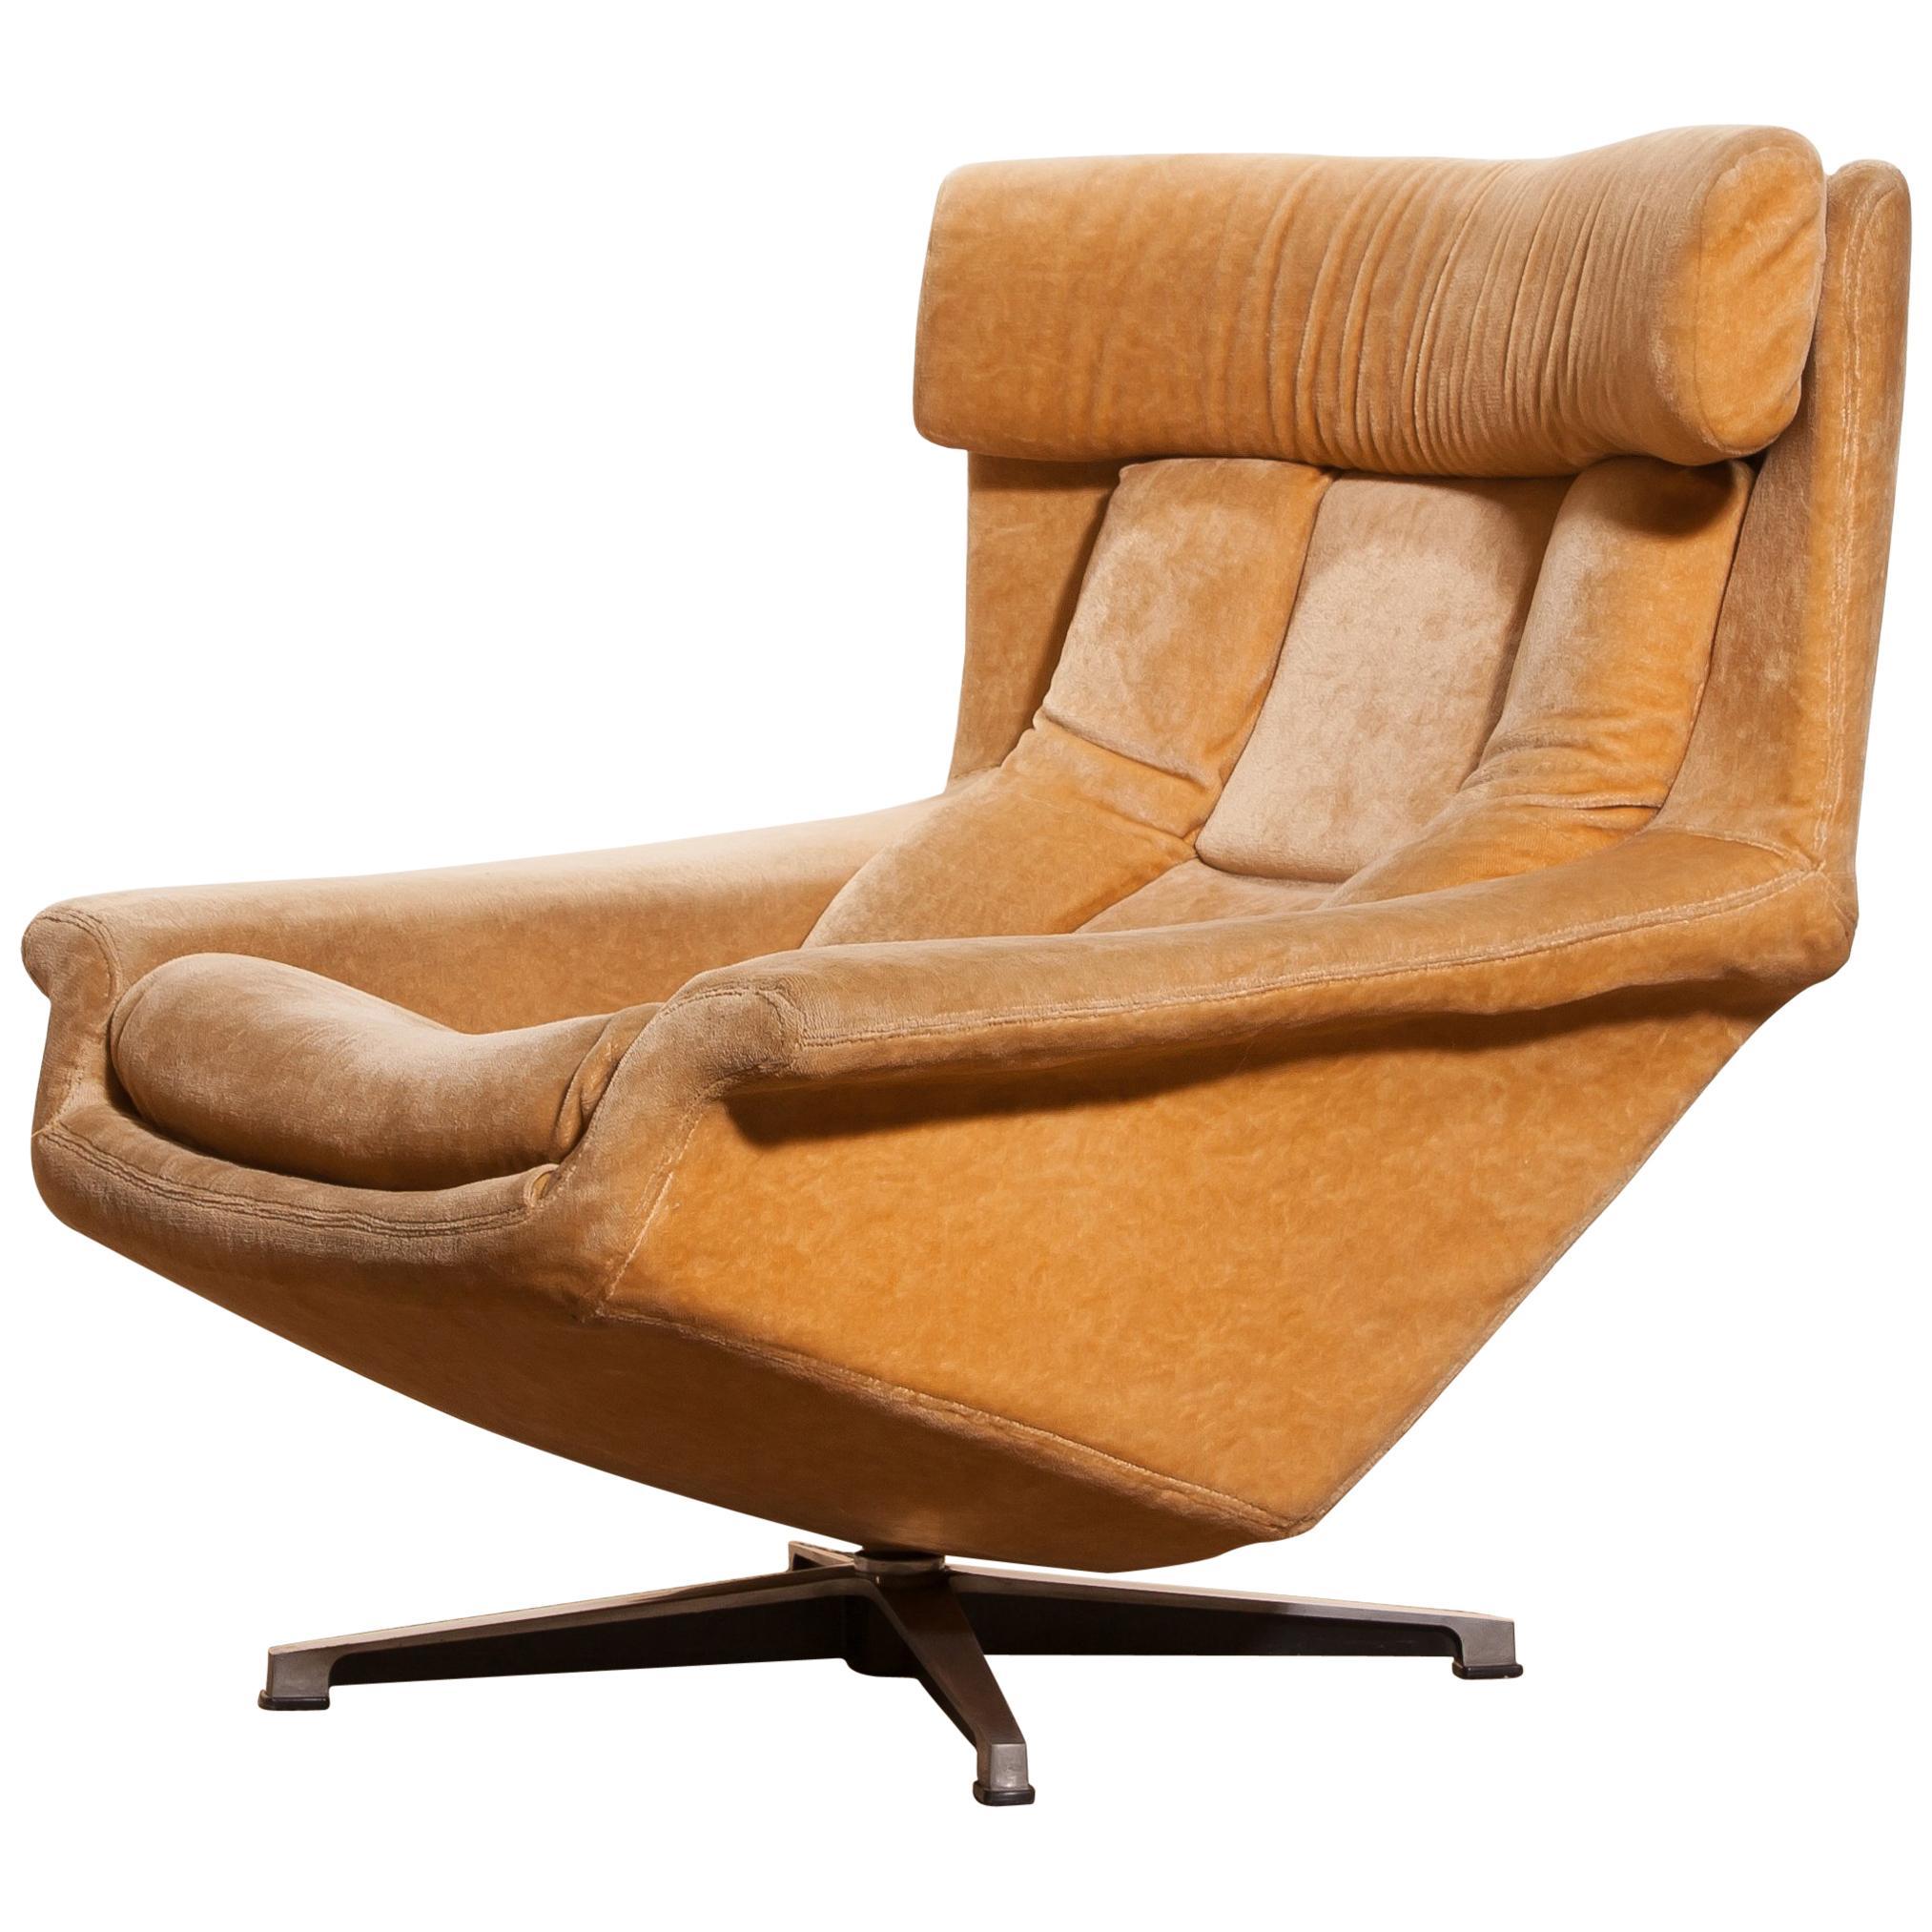 ab swivel chair dining room chairs home goods 1960s velvet lounge bamse by bra bohag sweden for